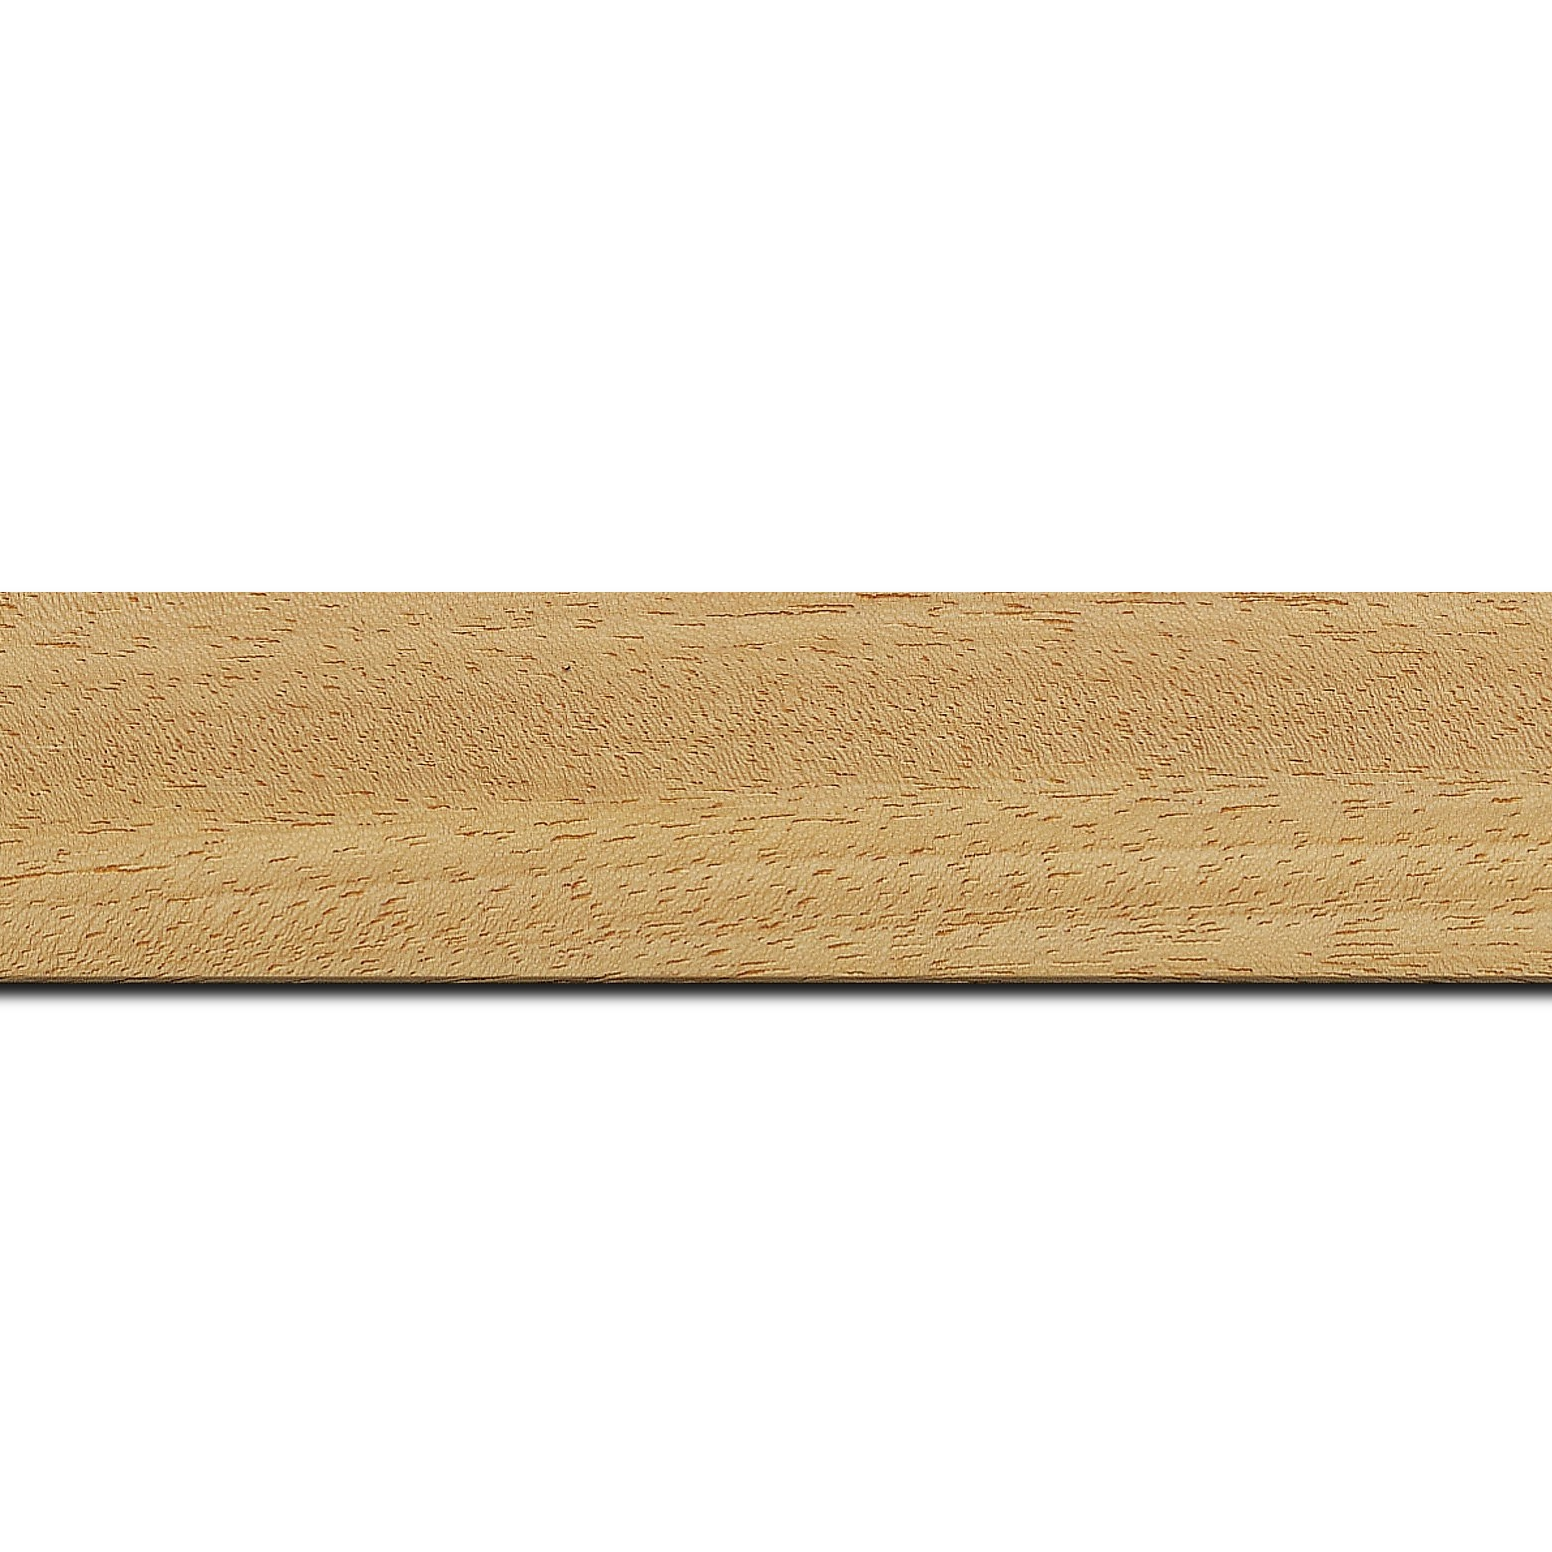 Pack par 12m, bois profil plat largeur 3.8cm ayous massif naturel (sans vernis,peut être peint...)(longueur baguette pouvant varier entre 2.40m et 3m selon arrivage des bois)